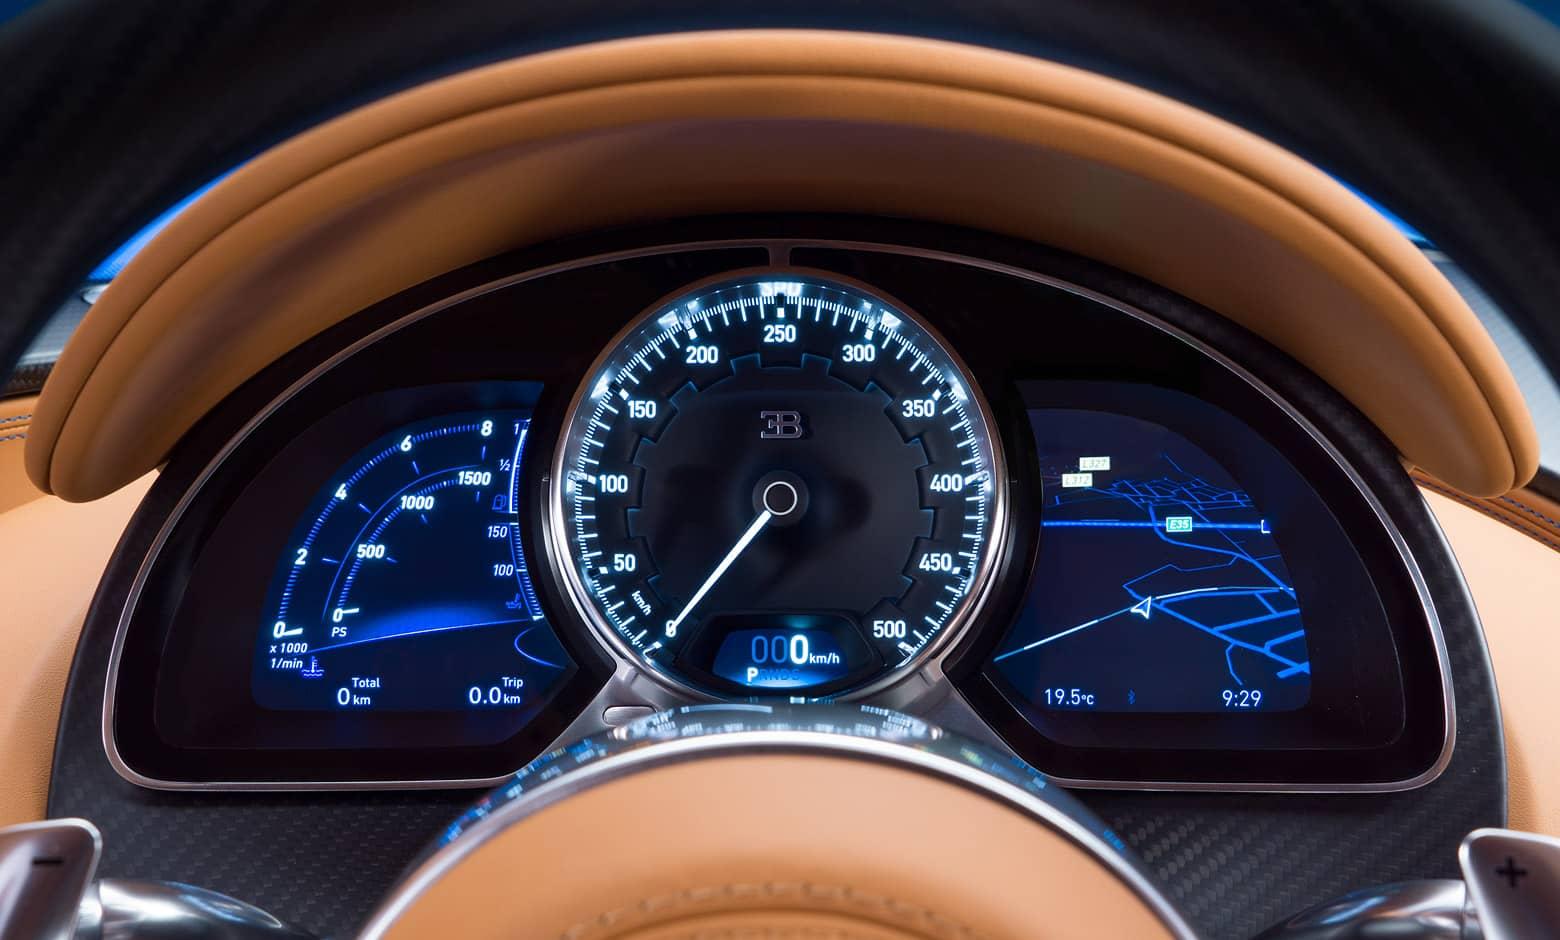 Une Bugatti Chiron et une Bugatti Vision Gran Turismo pour un seul acheteur saoudien 5